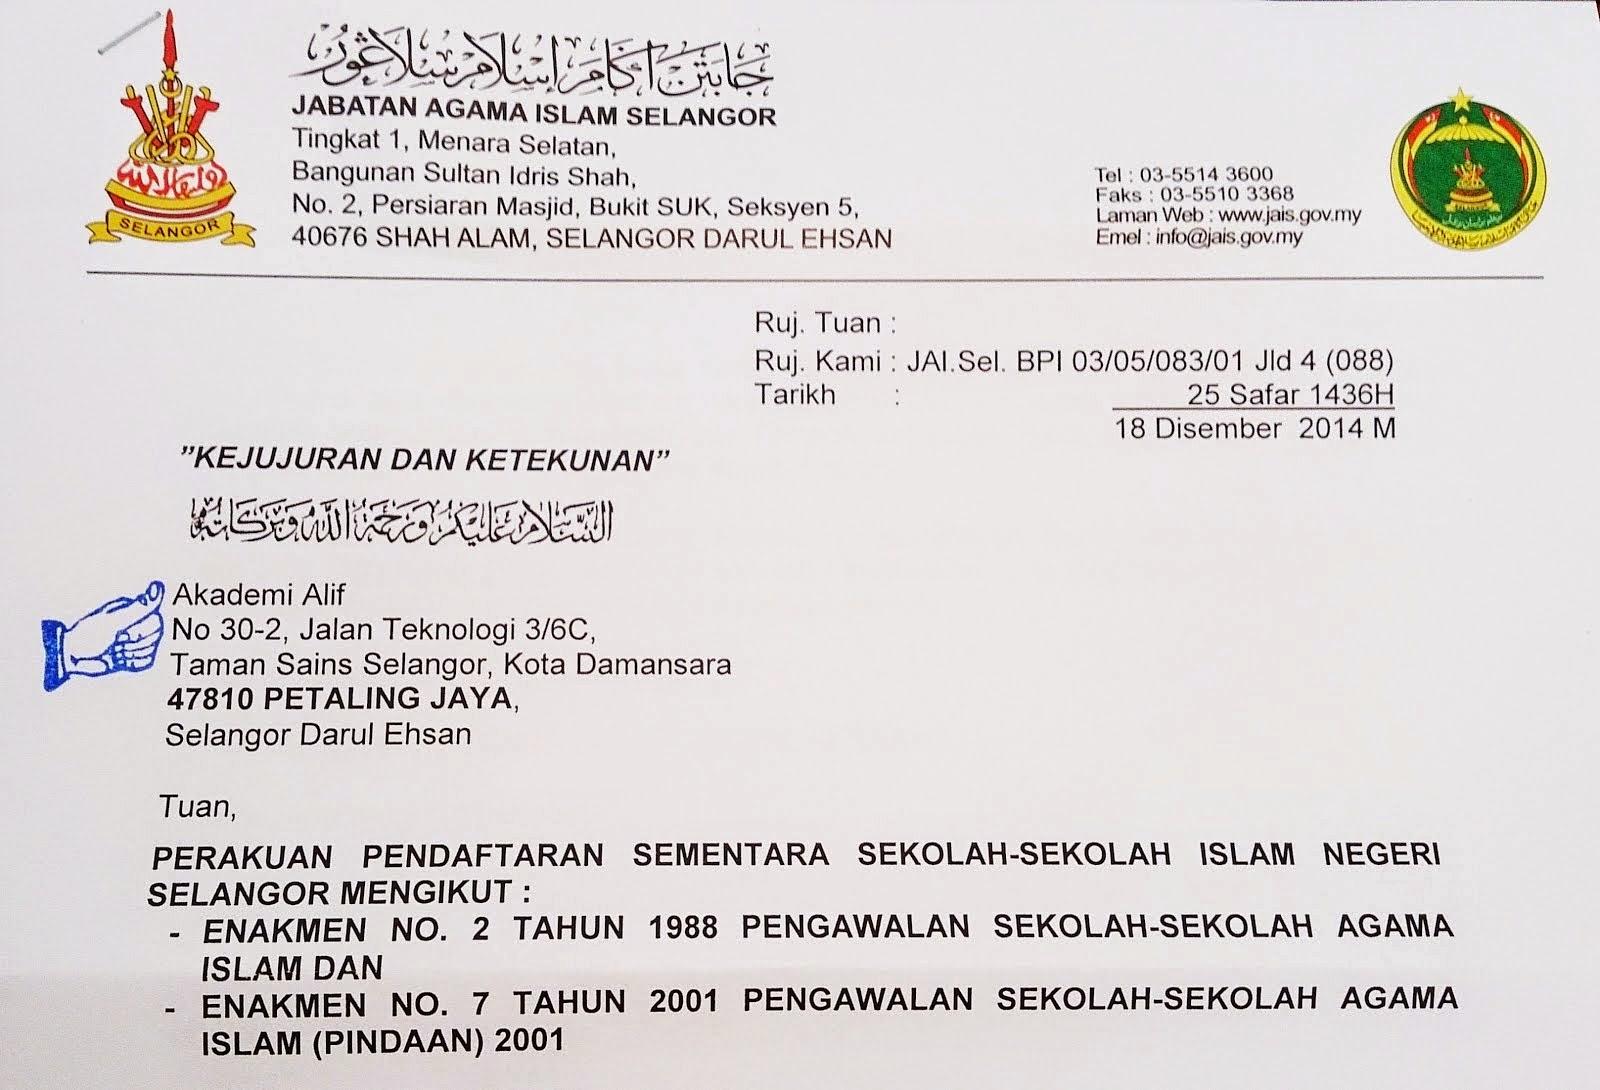 Surat Pendaftaran daripada JAIS